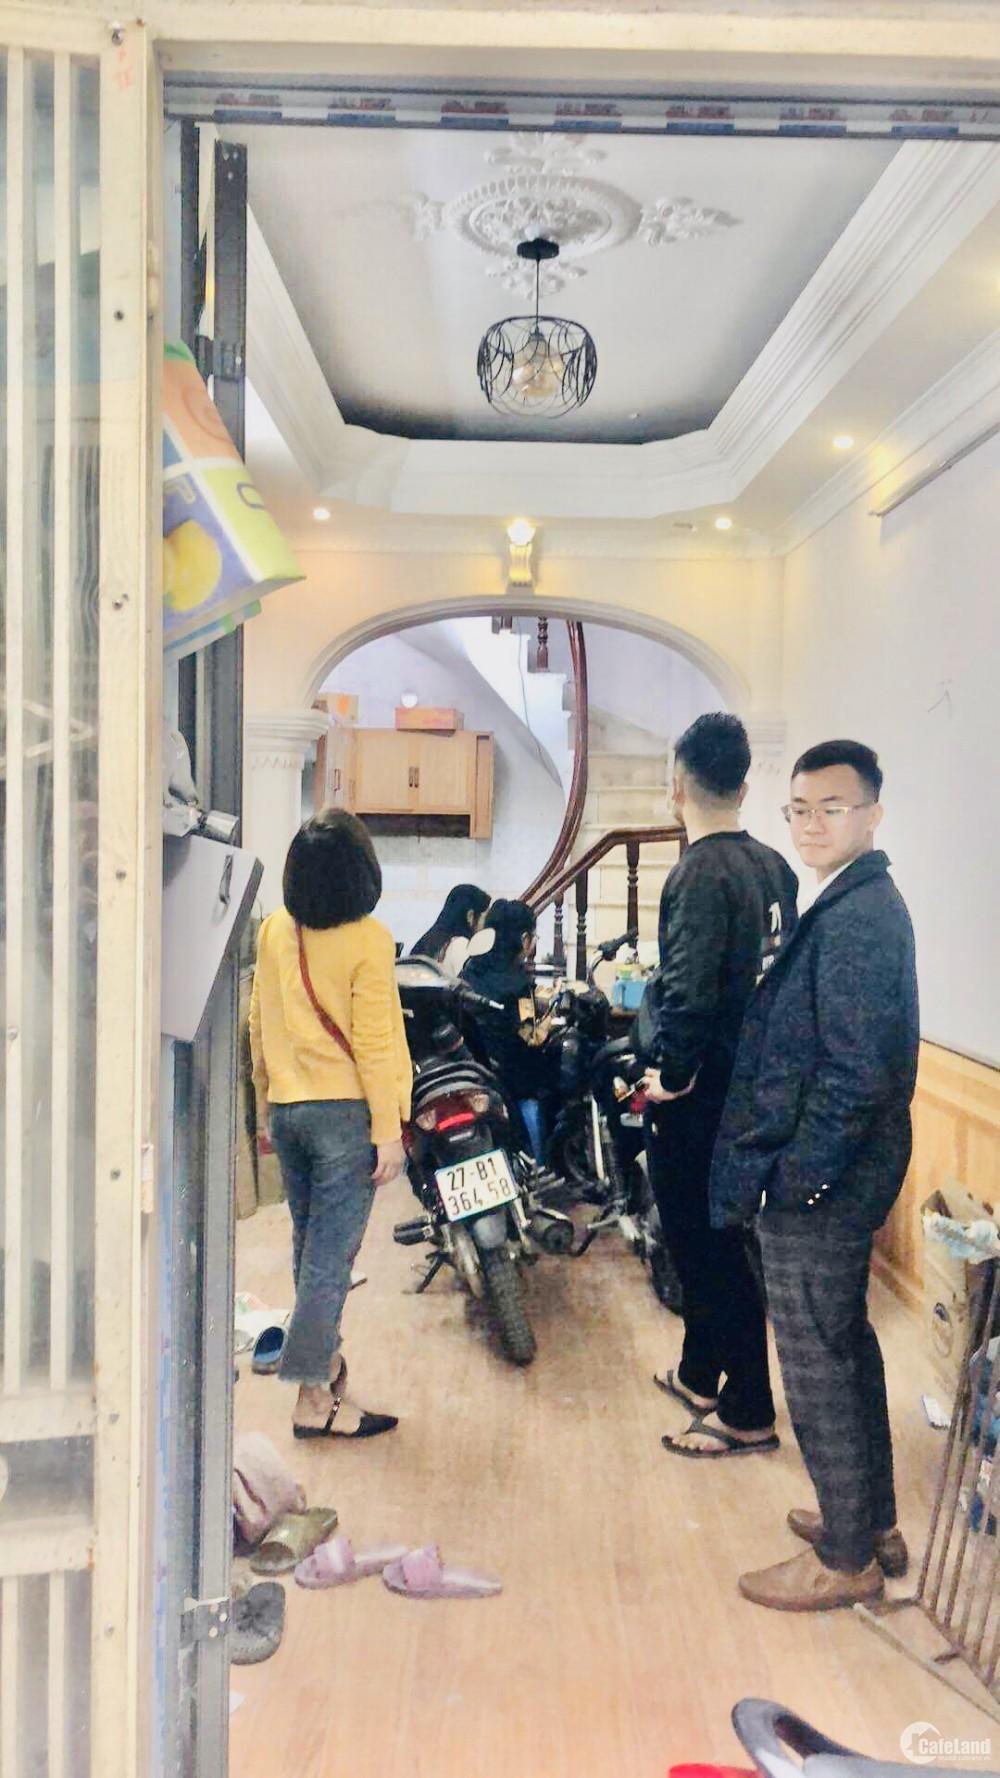 Tầm Tiền Hiếm Nhà Bán - 20m2 Giá 1,9 Tỷ Ngay Gần Chợ Mơ (Đường Minh Khai)